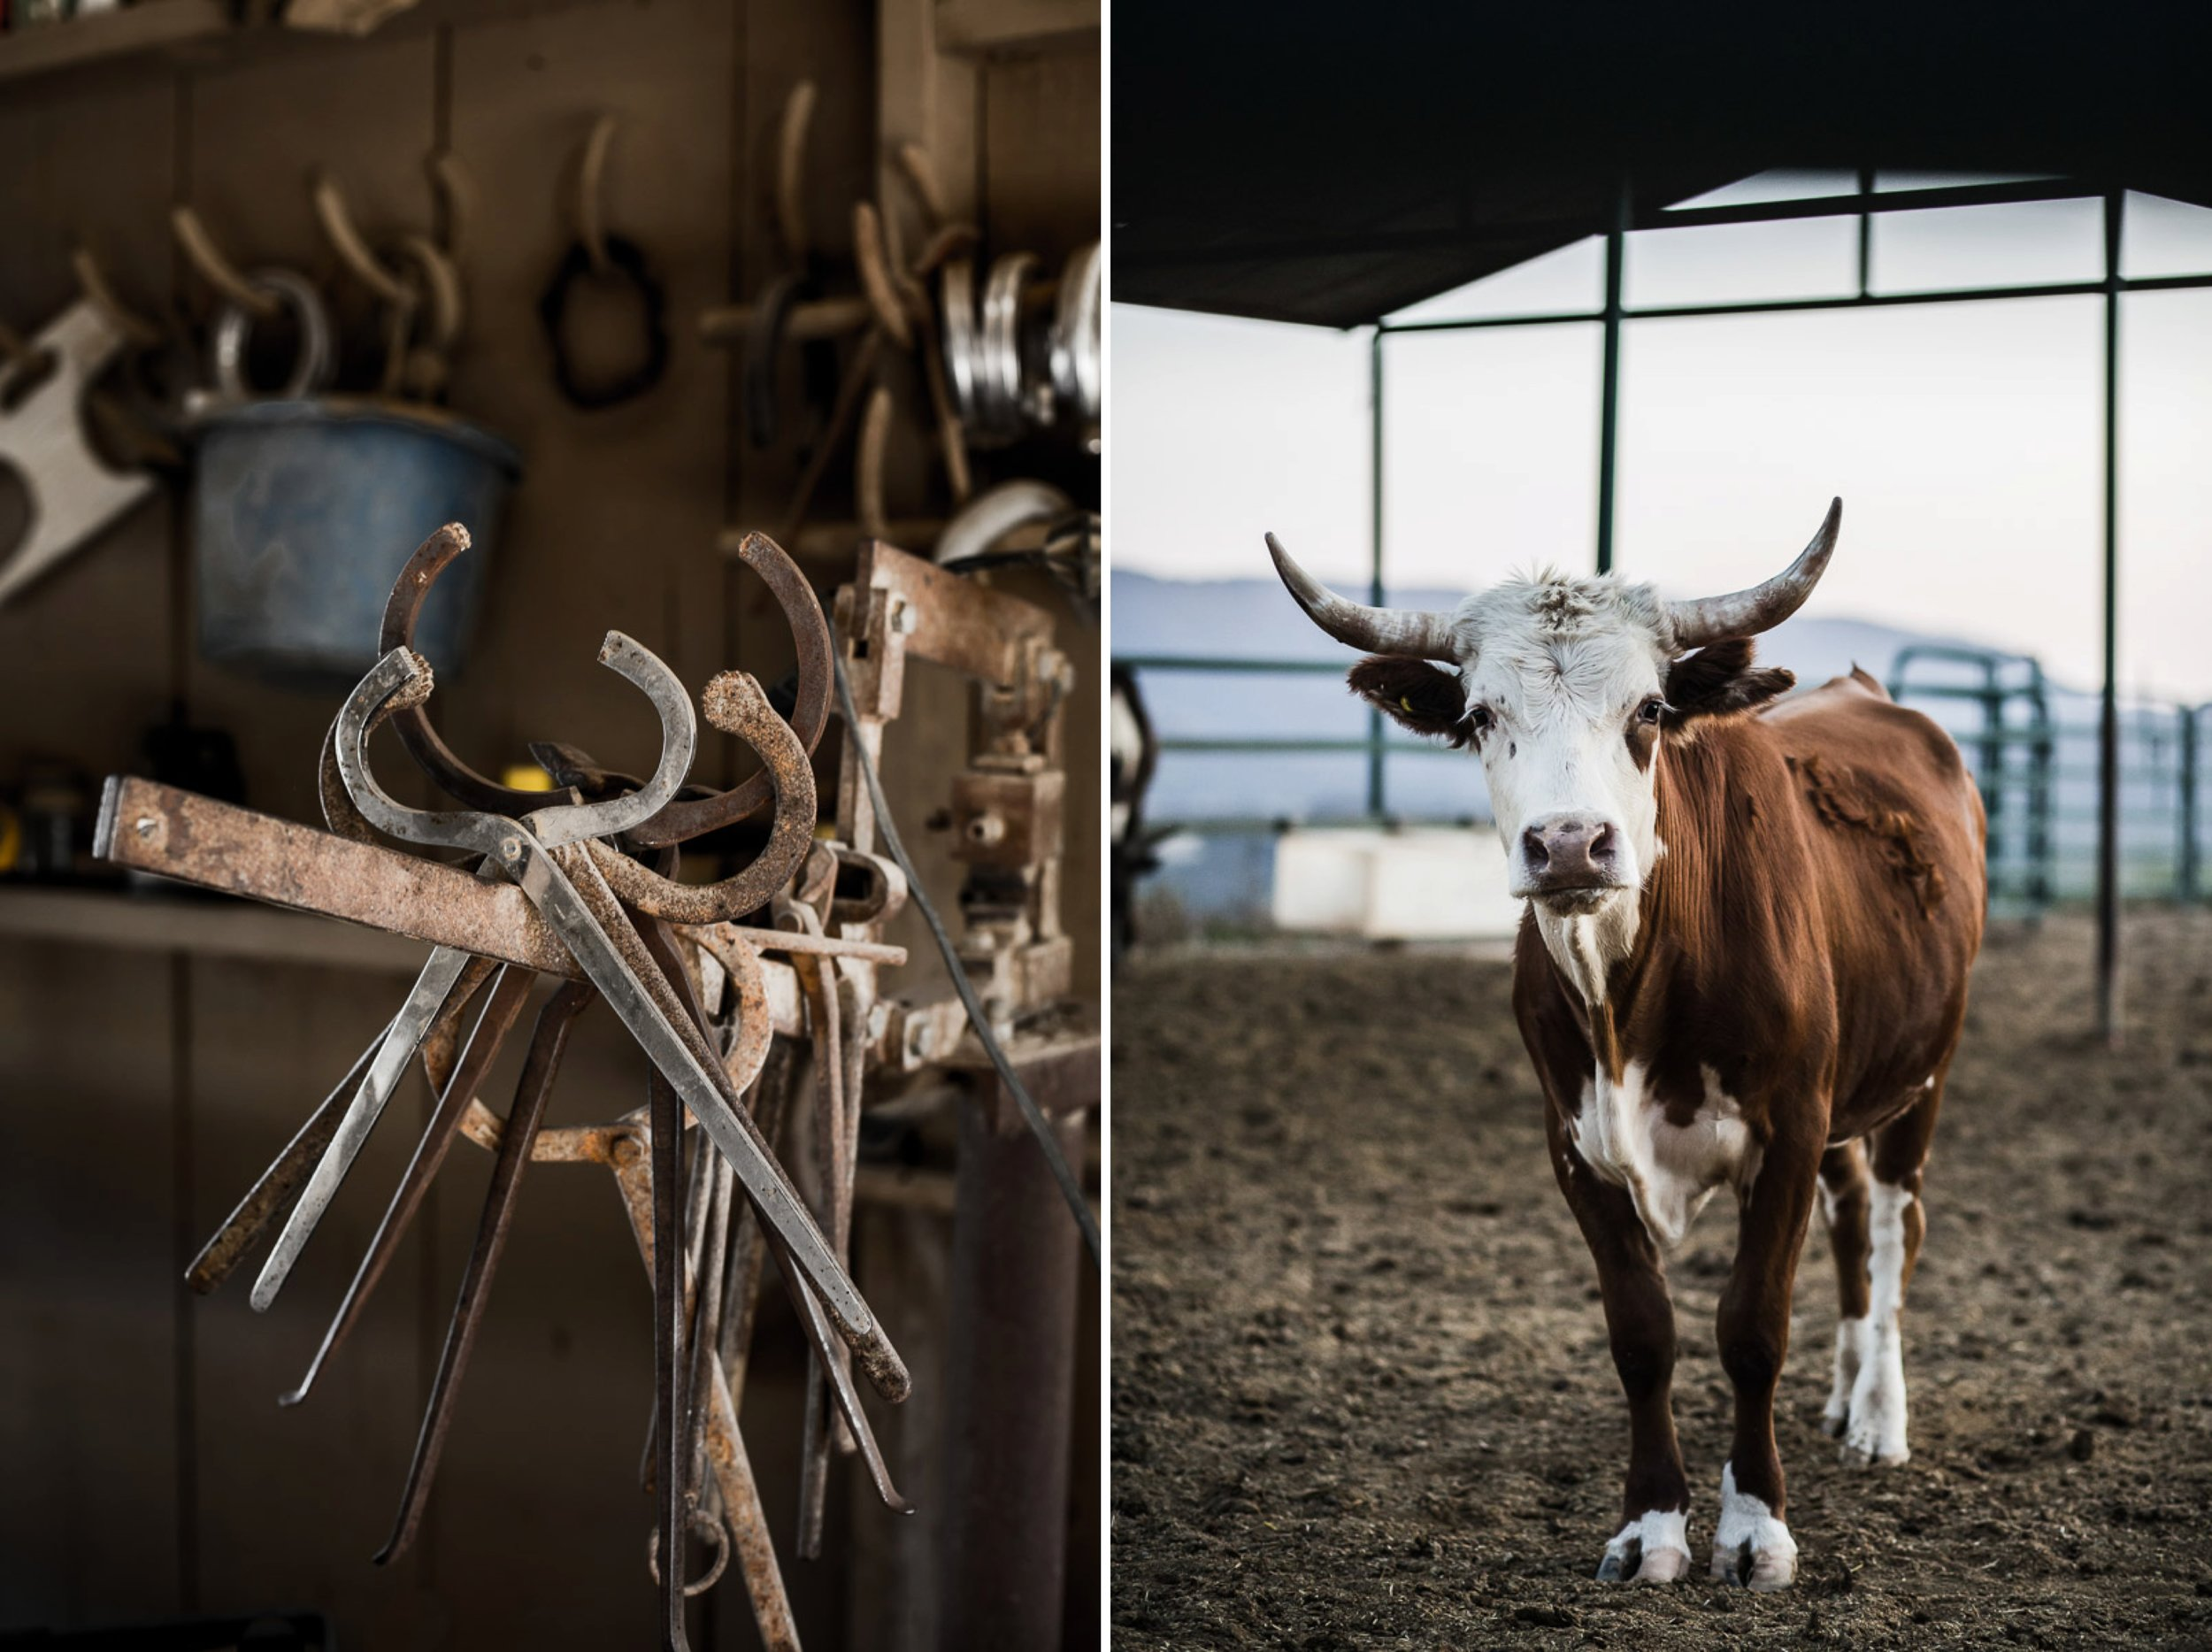 farm-photos-cow-portrait.jpg